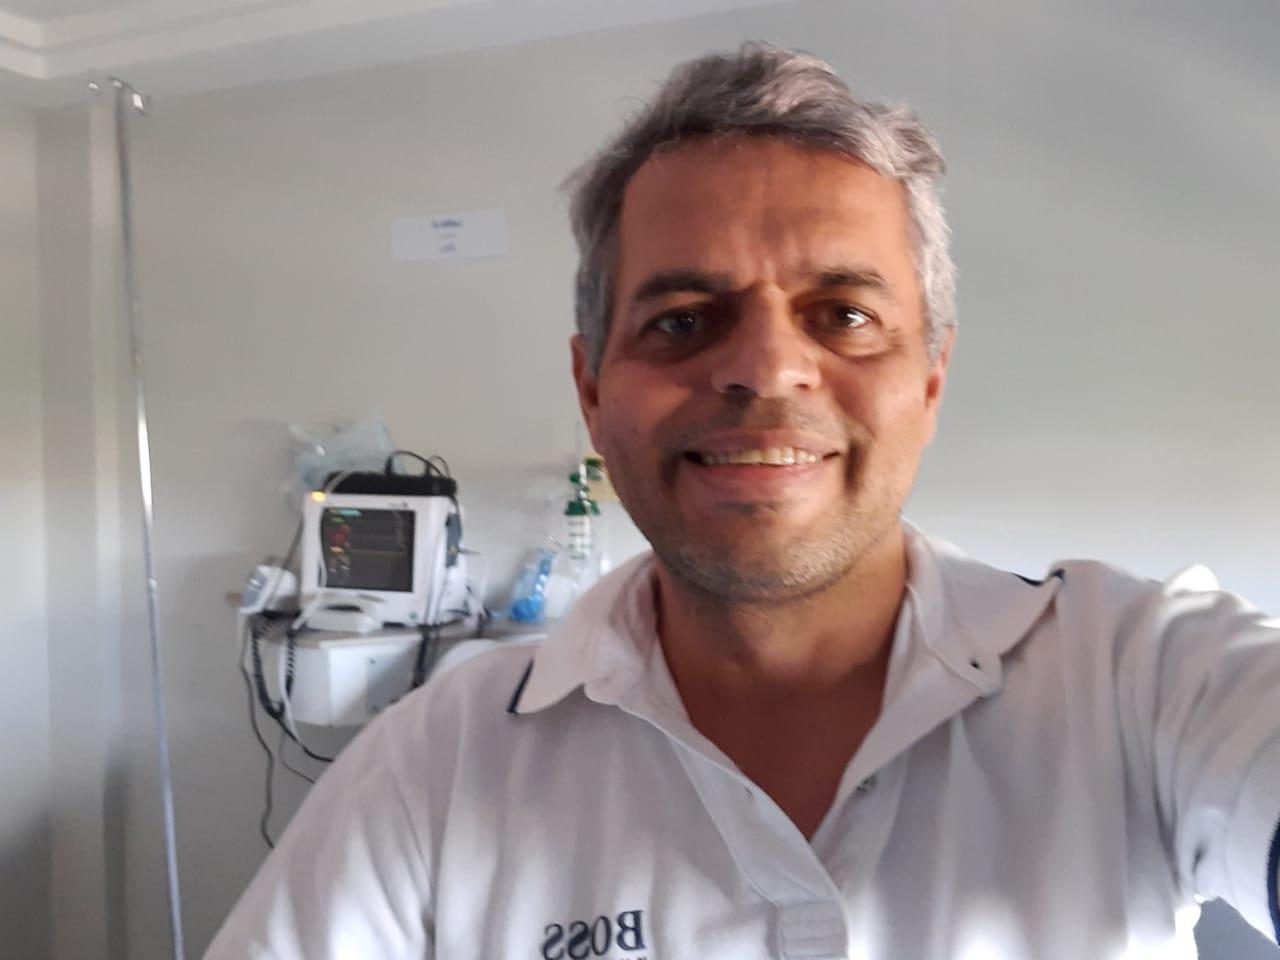 """WhatsApp Image 2021 04 27 at 13.58.35 - Com Covid-19, Jomar Brandão recebe alta médica e irá continuar o tratamento em casa: """"Deus me deu outra oportunidade"""""""